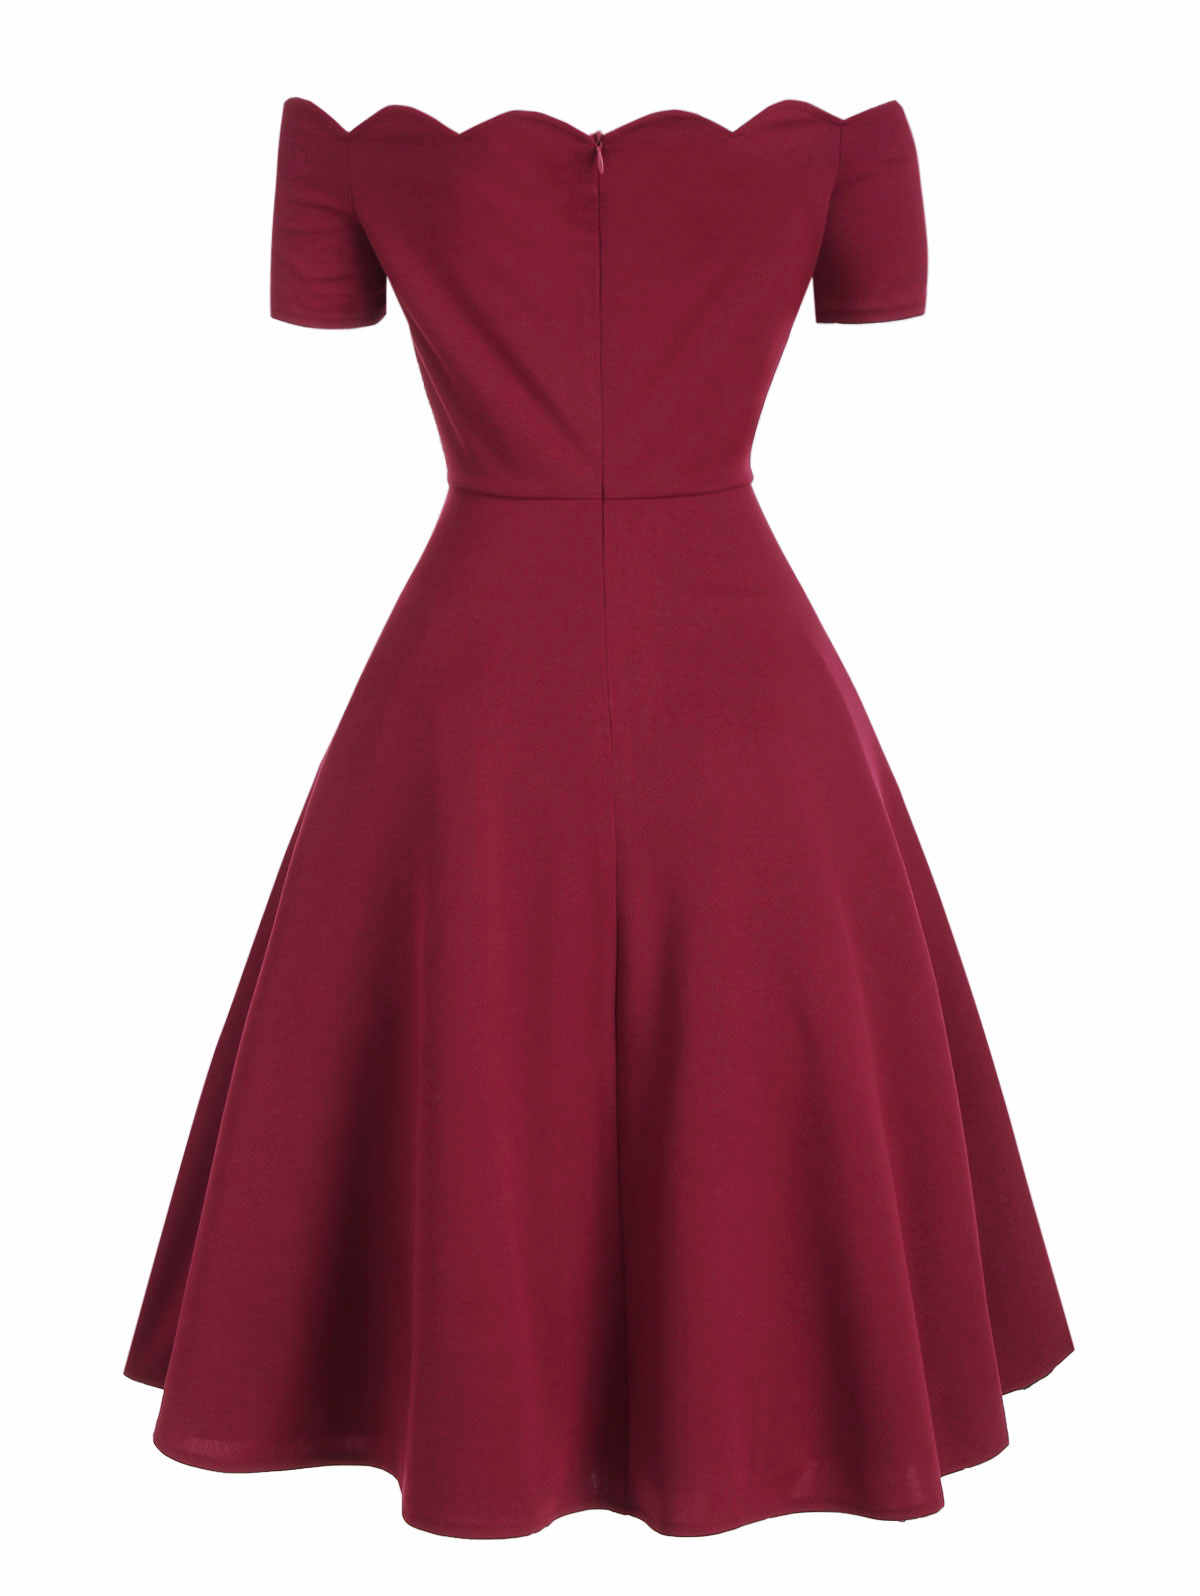 Wisalo женское элегантное волнистое с открытыми плечами расклешенное платье с коротким рукавом трапециевидной формы длиной до колена вечерние платья винтажные Vestidos